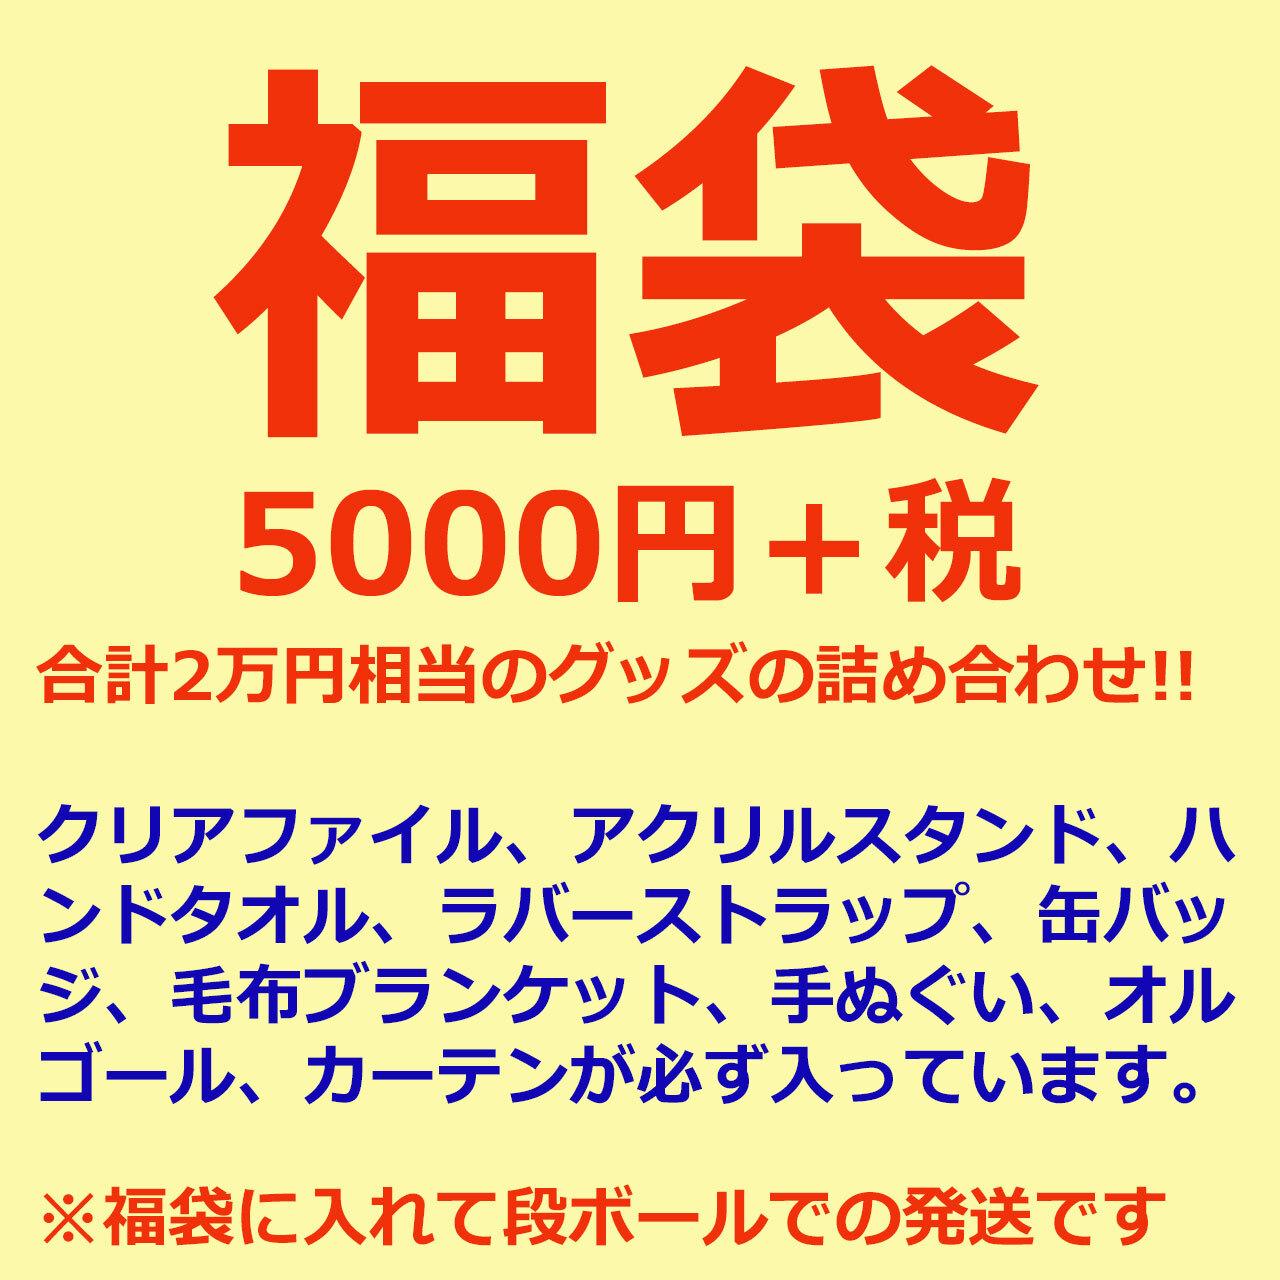 【5000円】アニメグッズ福袋 第二弾 女性向け